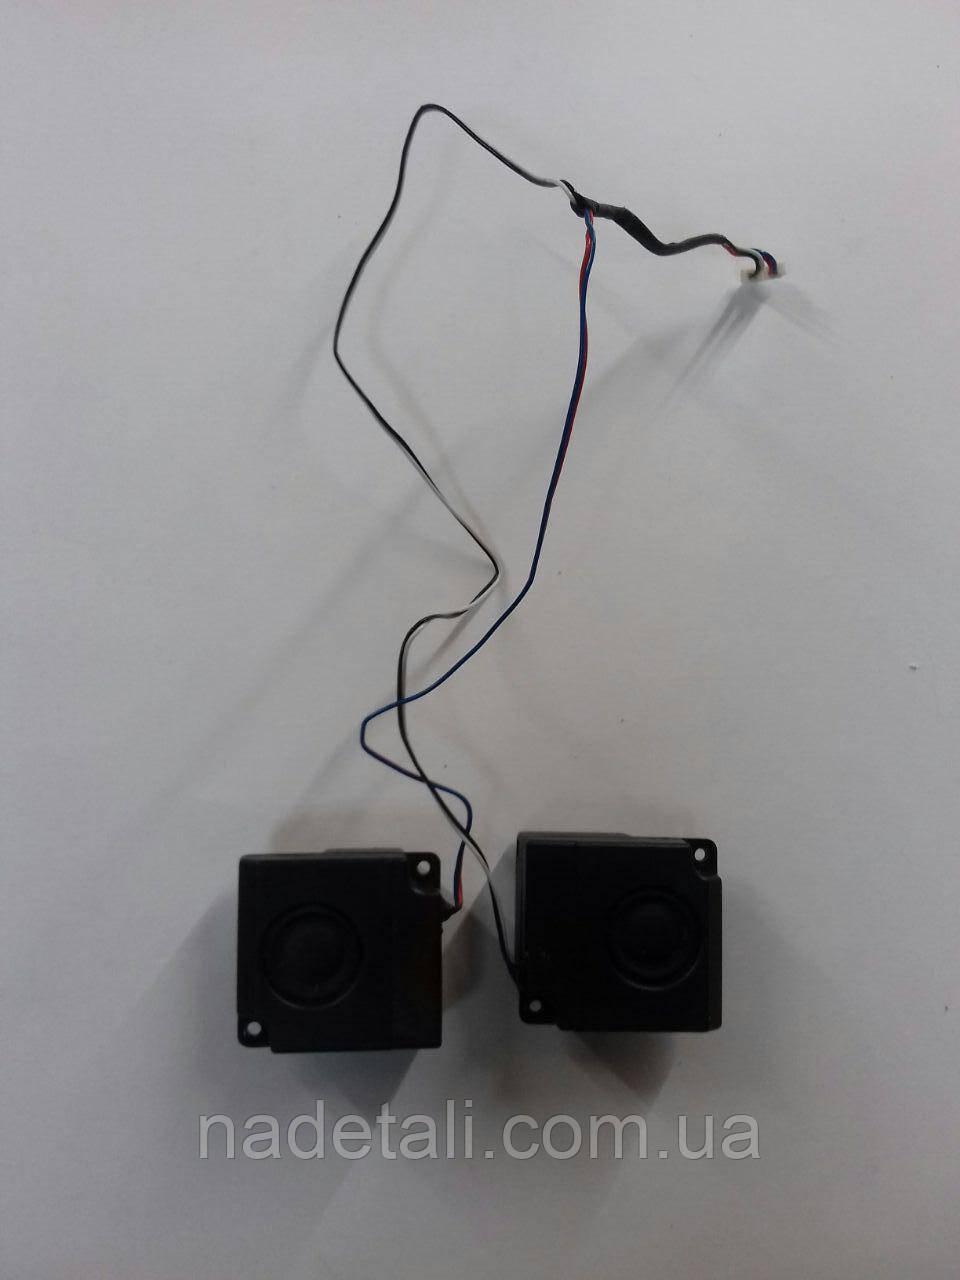 Динамики Toshiba Satellite L300 L300D L305 L305D L355 L355D 6039B0021701